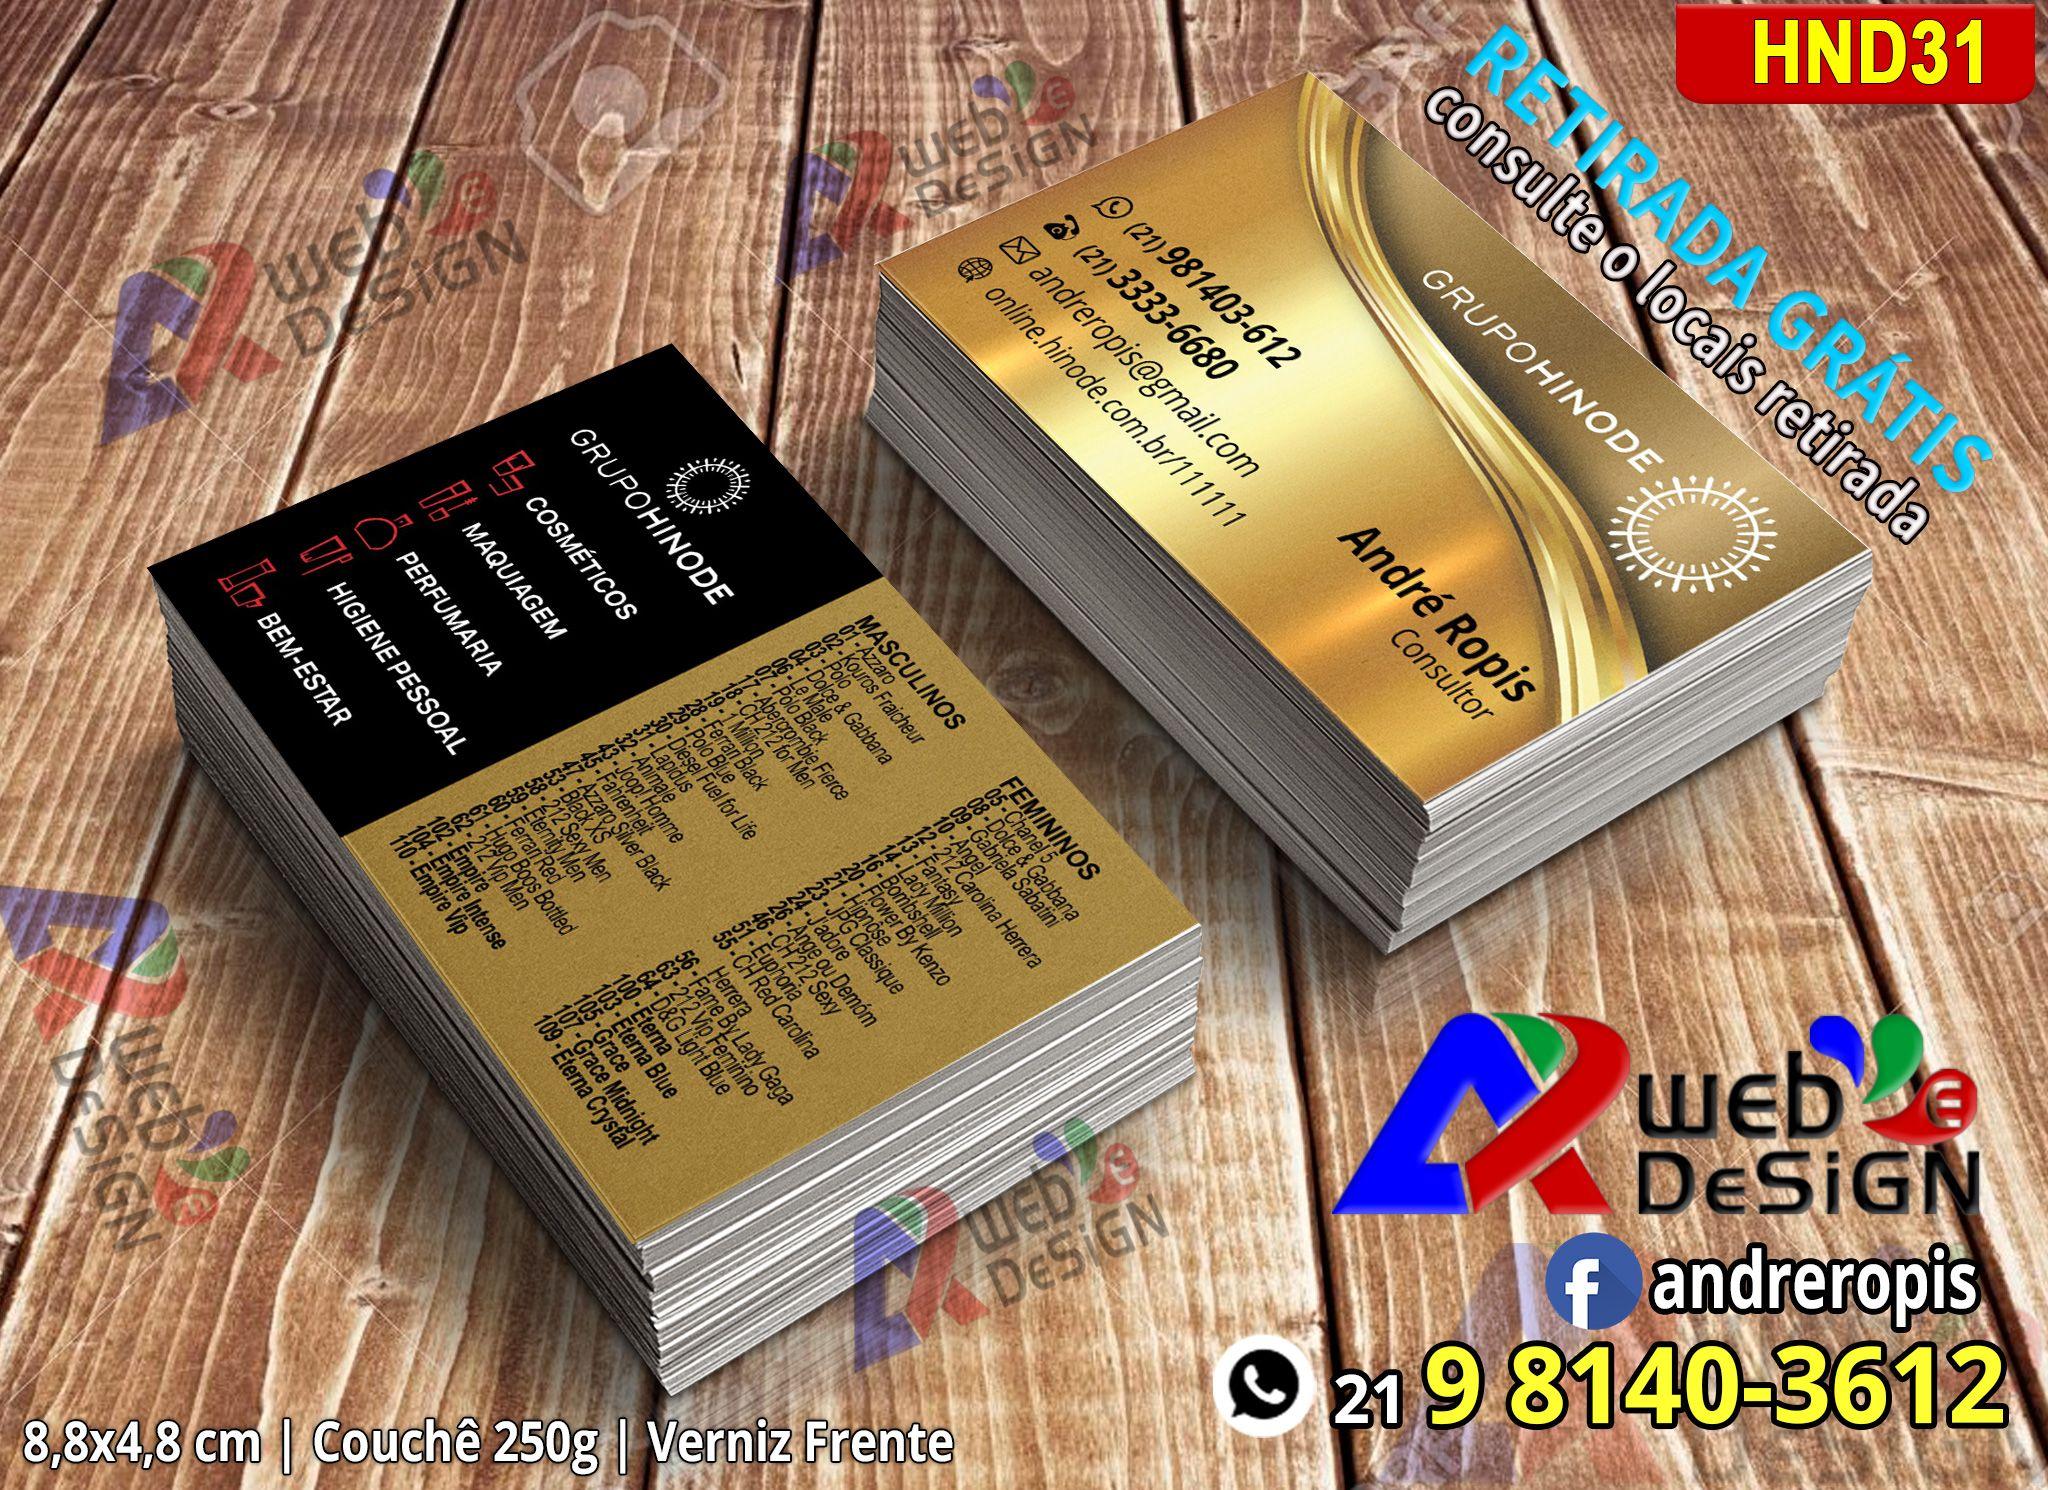 Favoritos Cartão de Visita Grupo Hinode (21) 981403612 - Face: andreropis  IN21